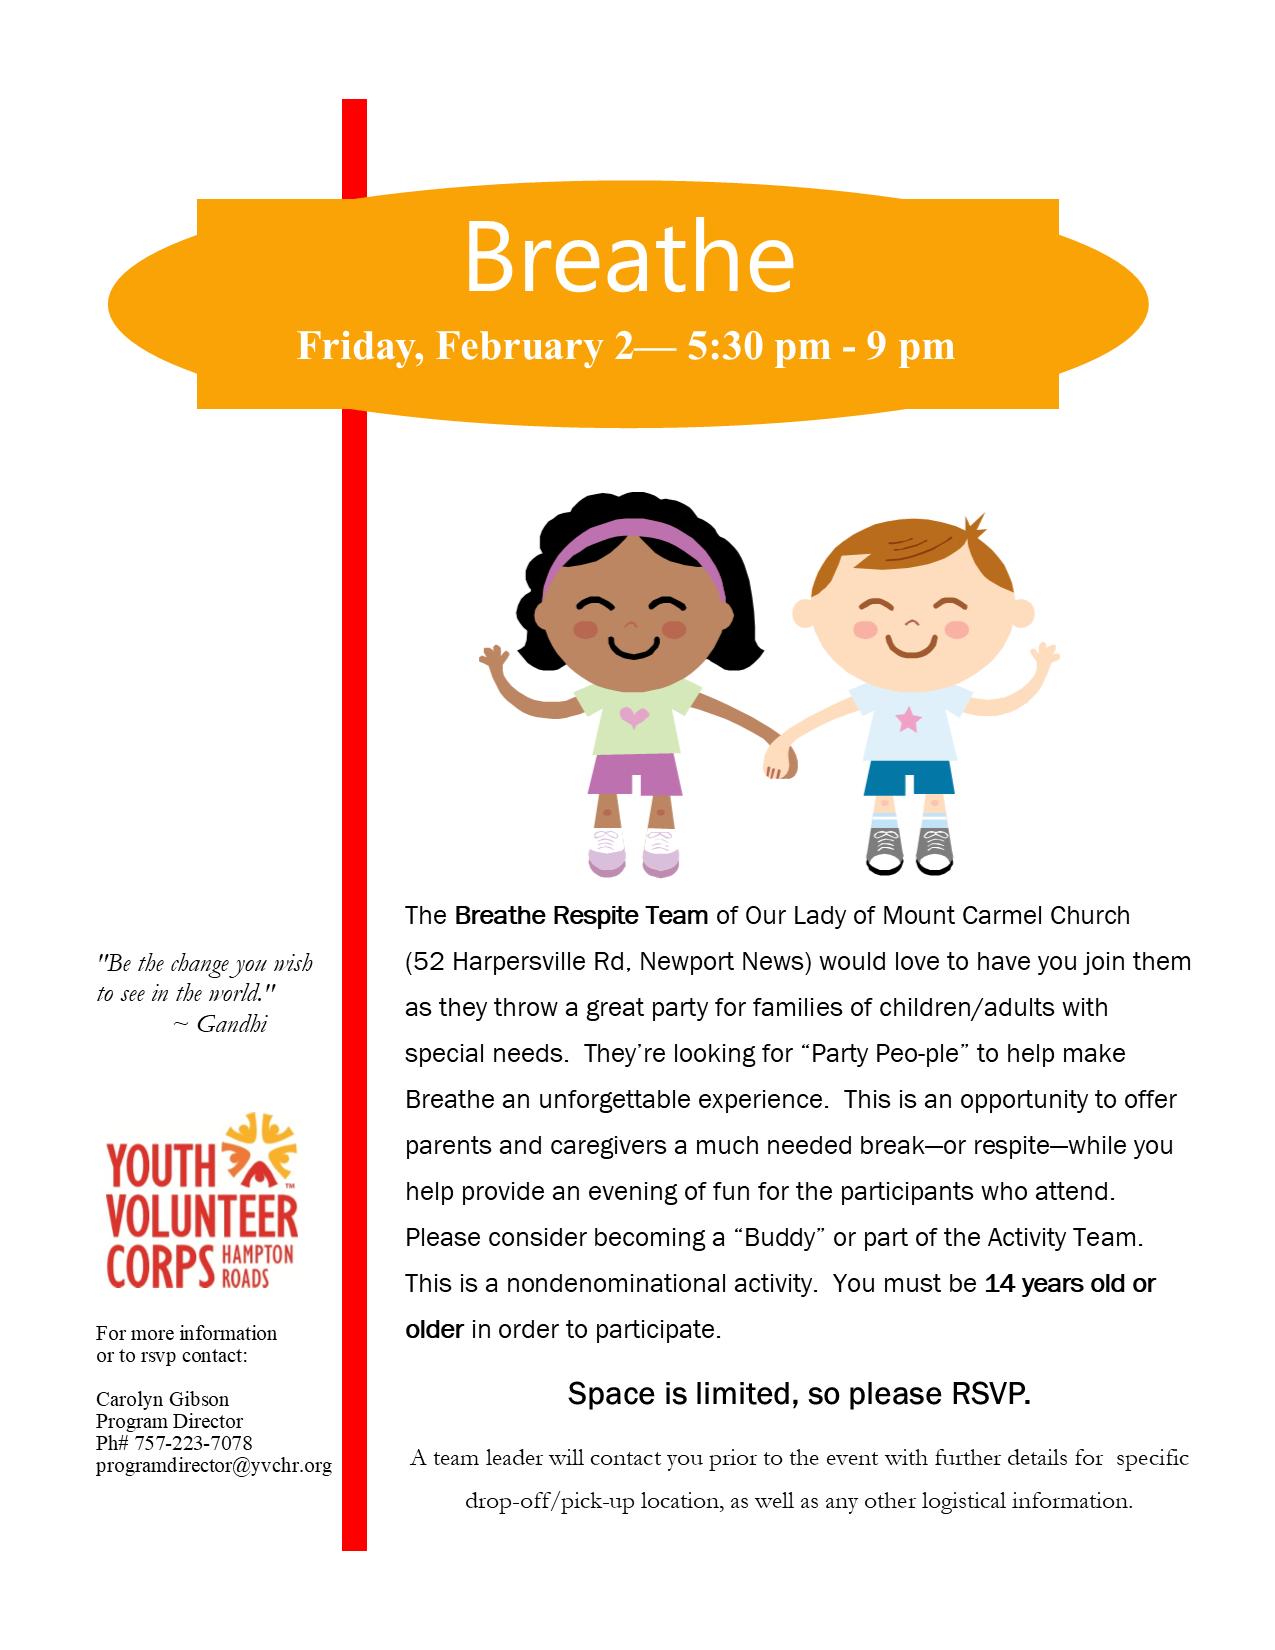 Breathe flier - Feb. 2.png